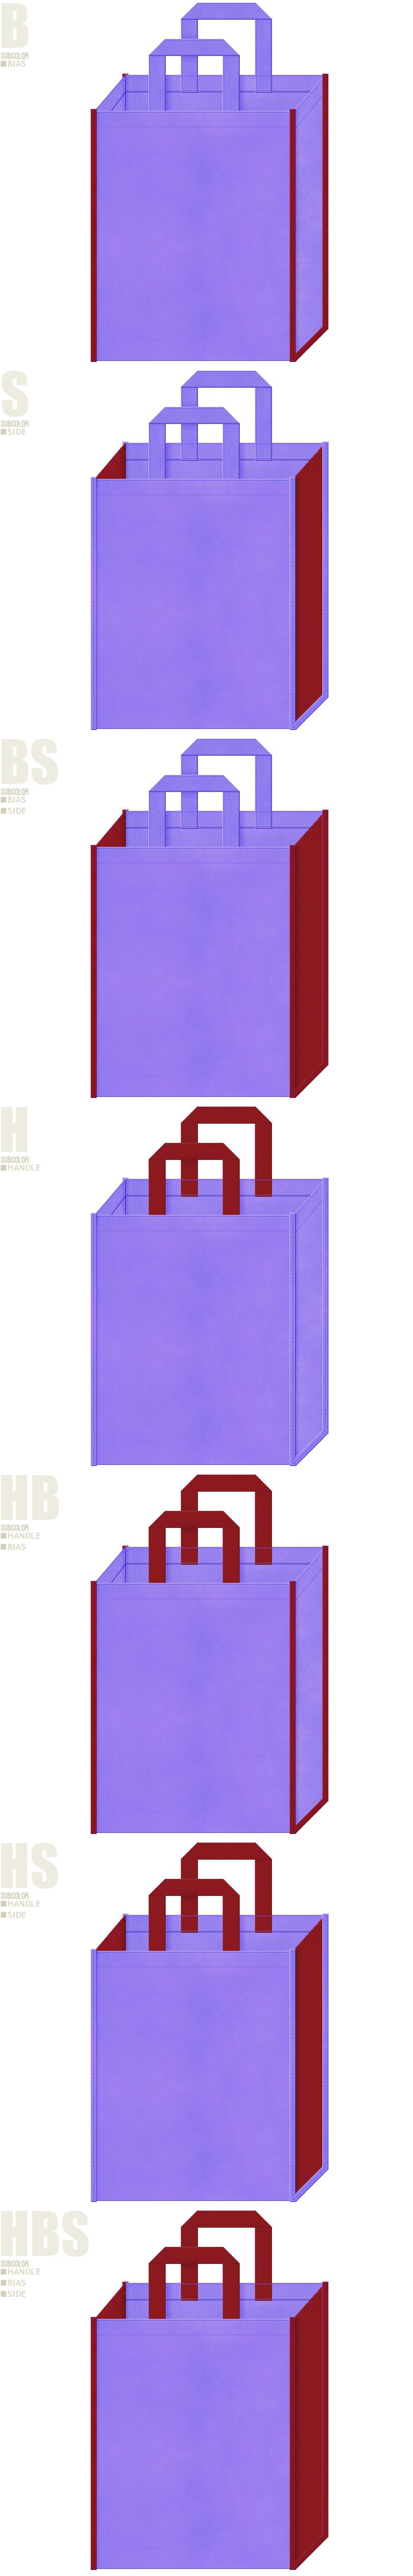 薄紫色とエンジ色の配色7パターン:不織布トートバッグのデザイン。和風柄にお奨めの配色です。